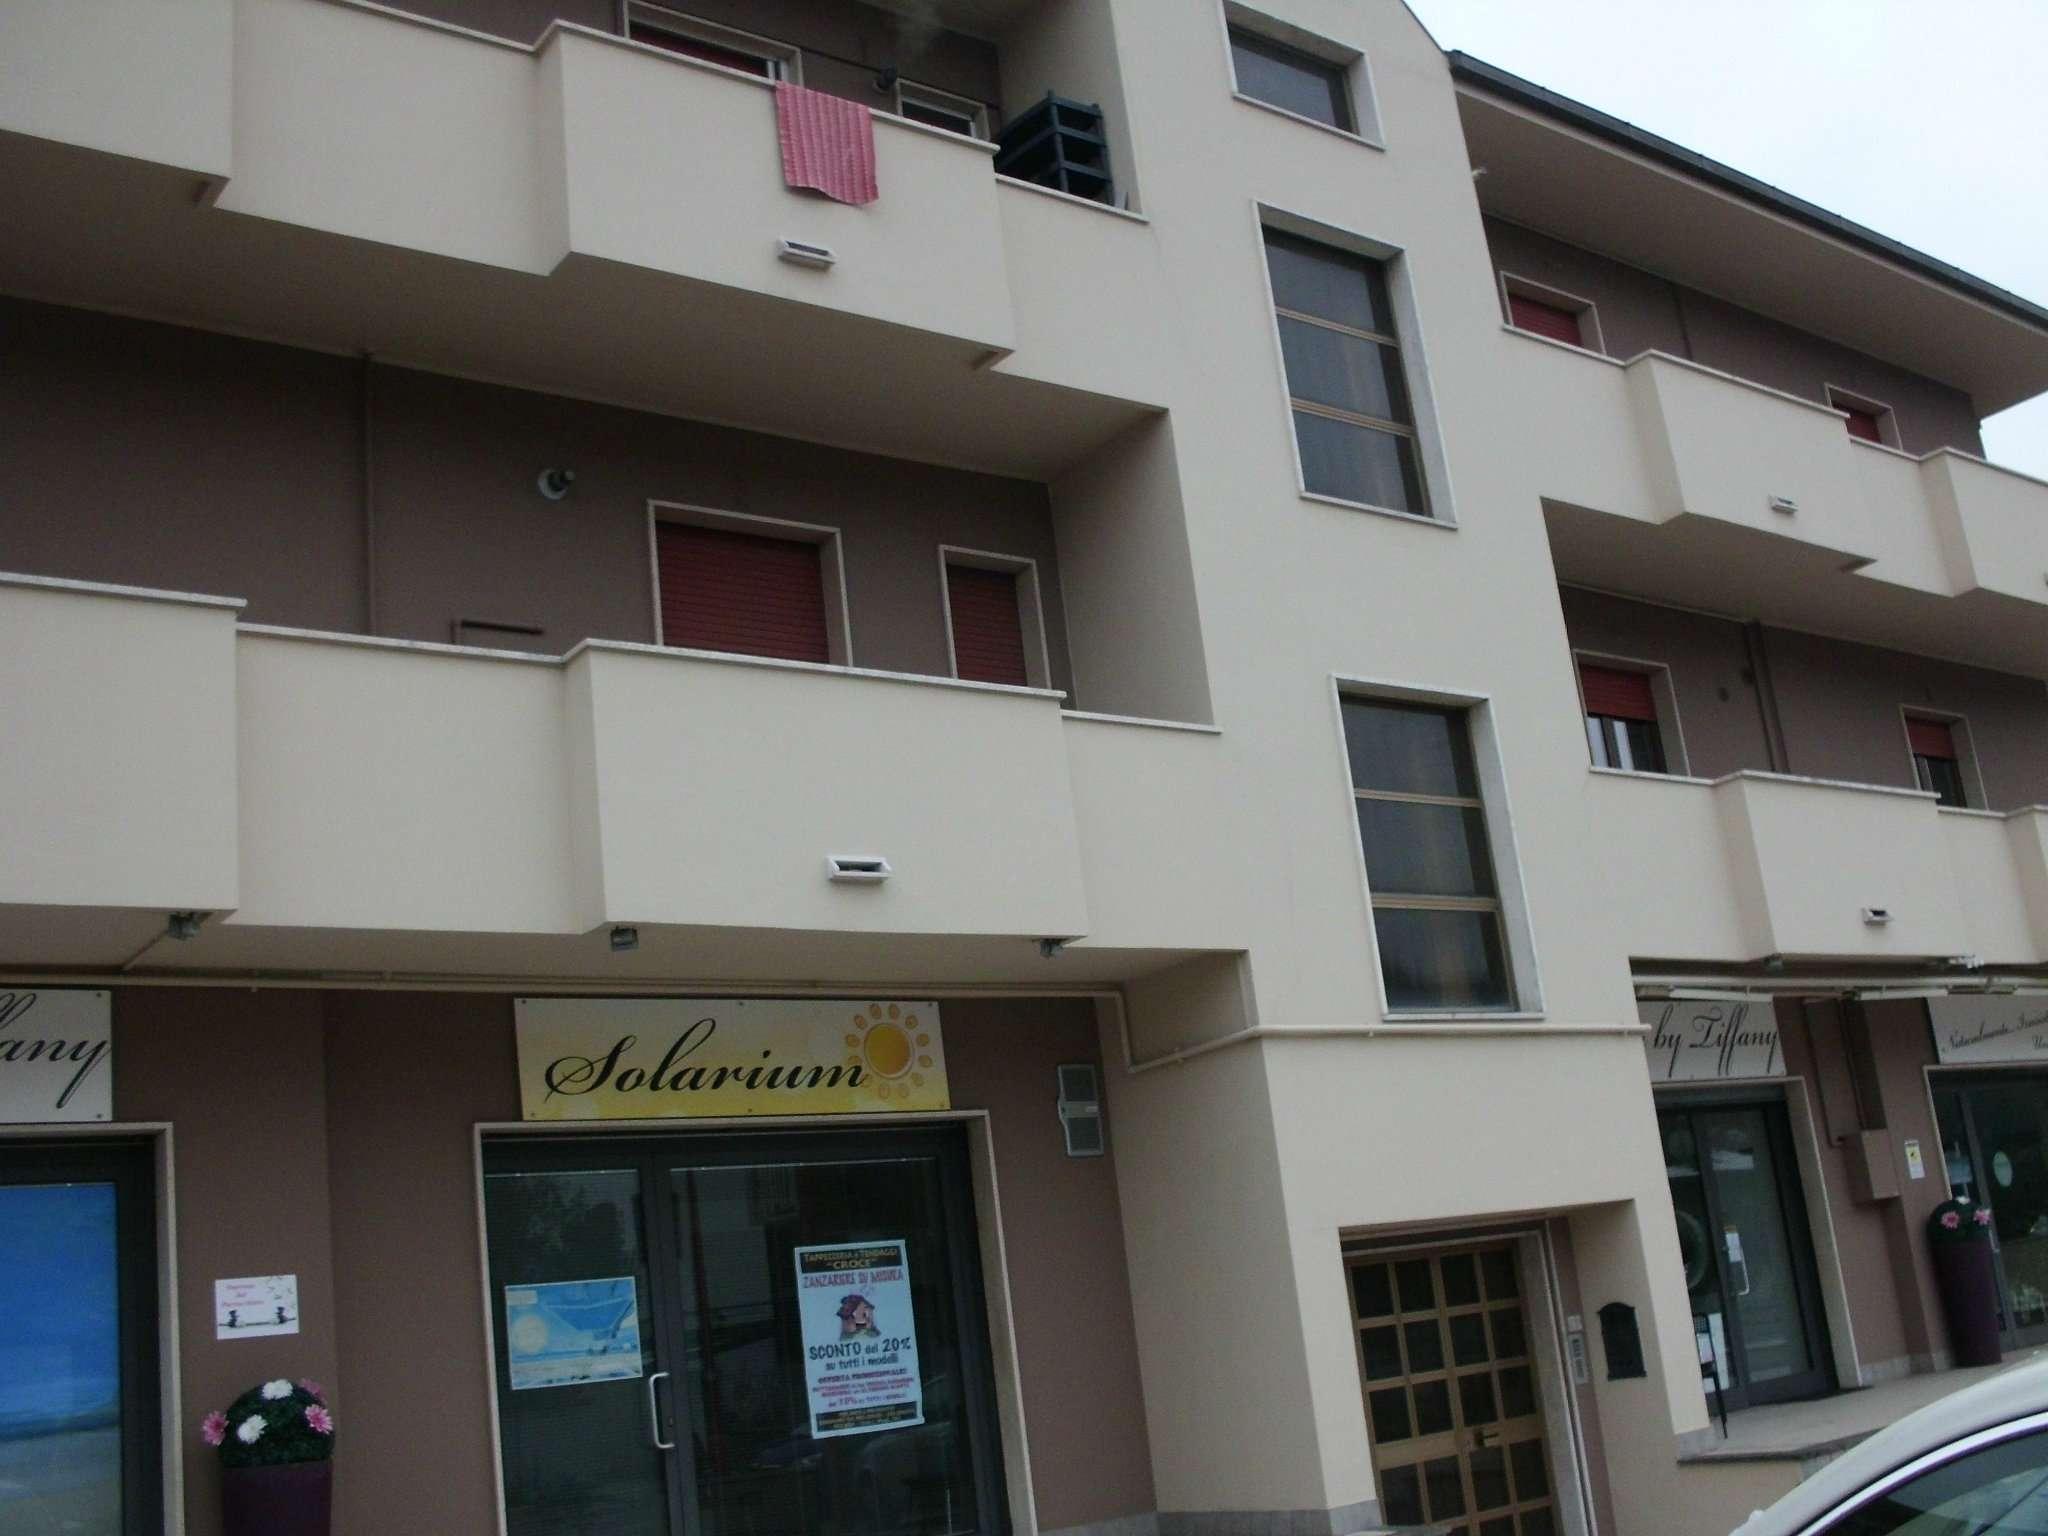 Negozio / Locale in affitto a Montesilvano, 1 locali, prezzo € 900 | CambioCasa.it